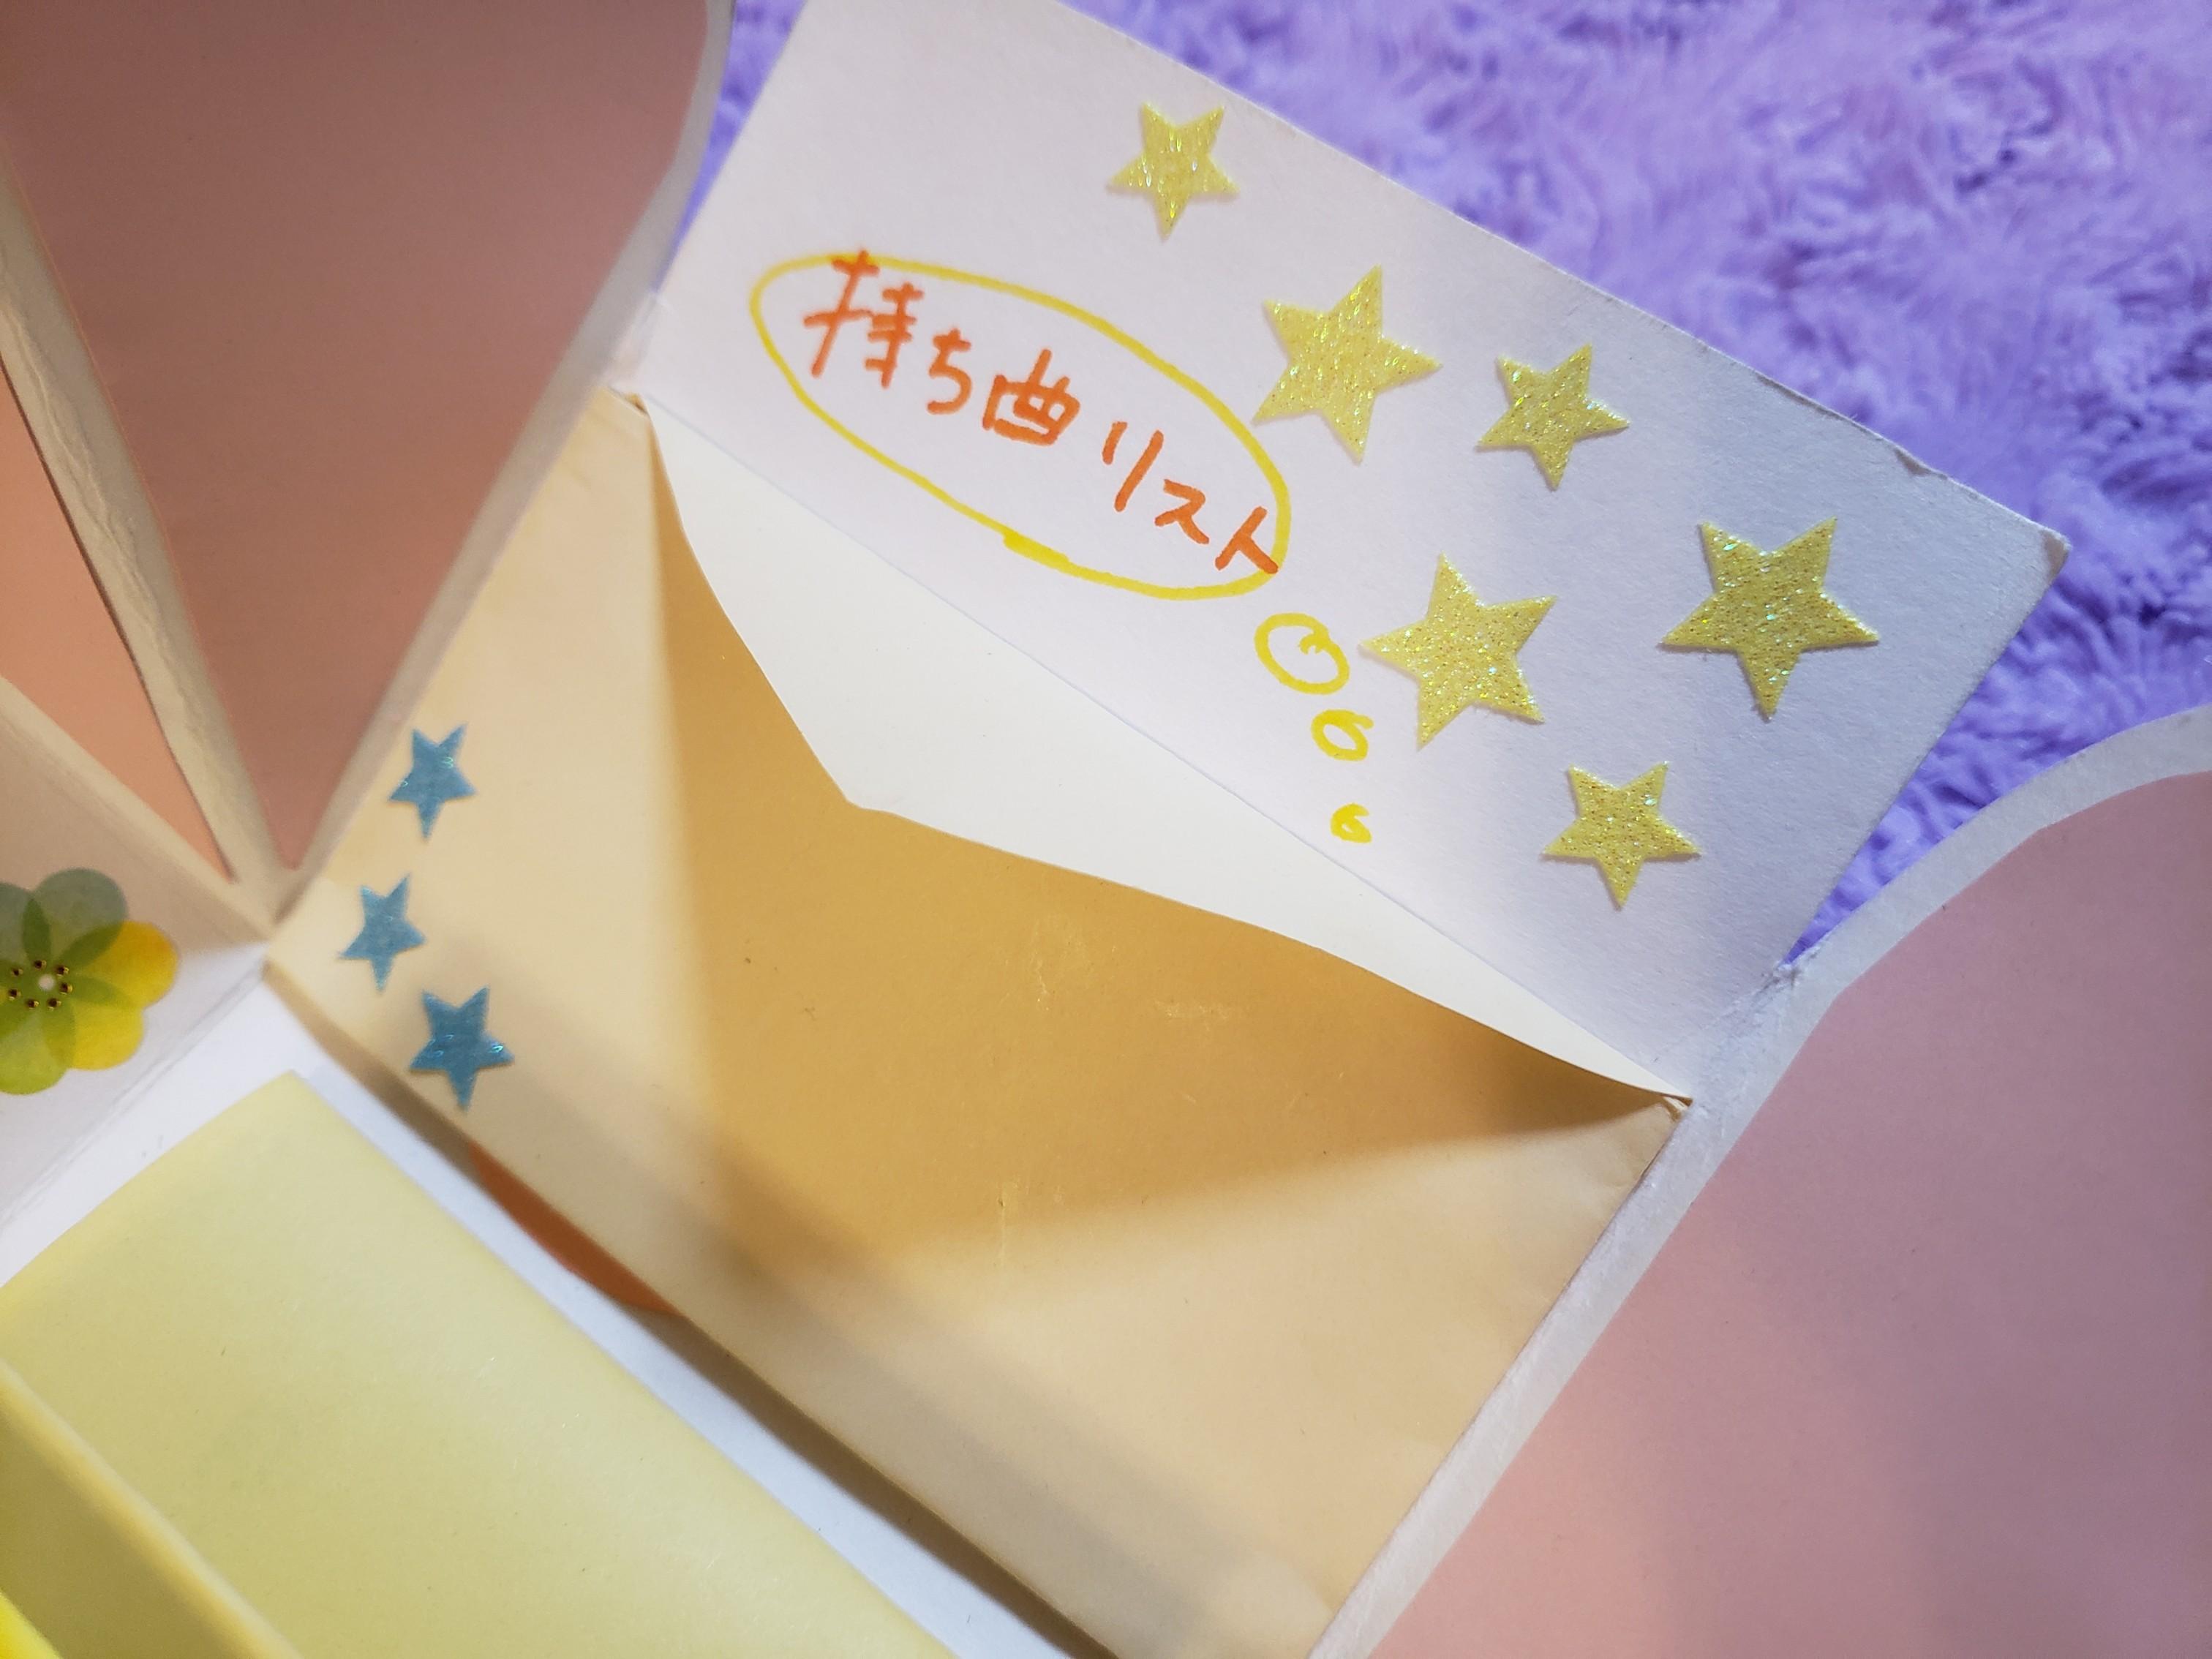 【感動しちゃう!】卒業ライブでもらった寄せ書きが感動の宝石箱\(^_^)/_5